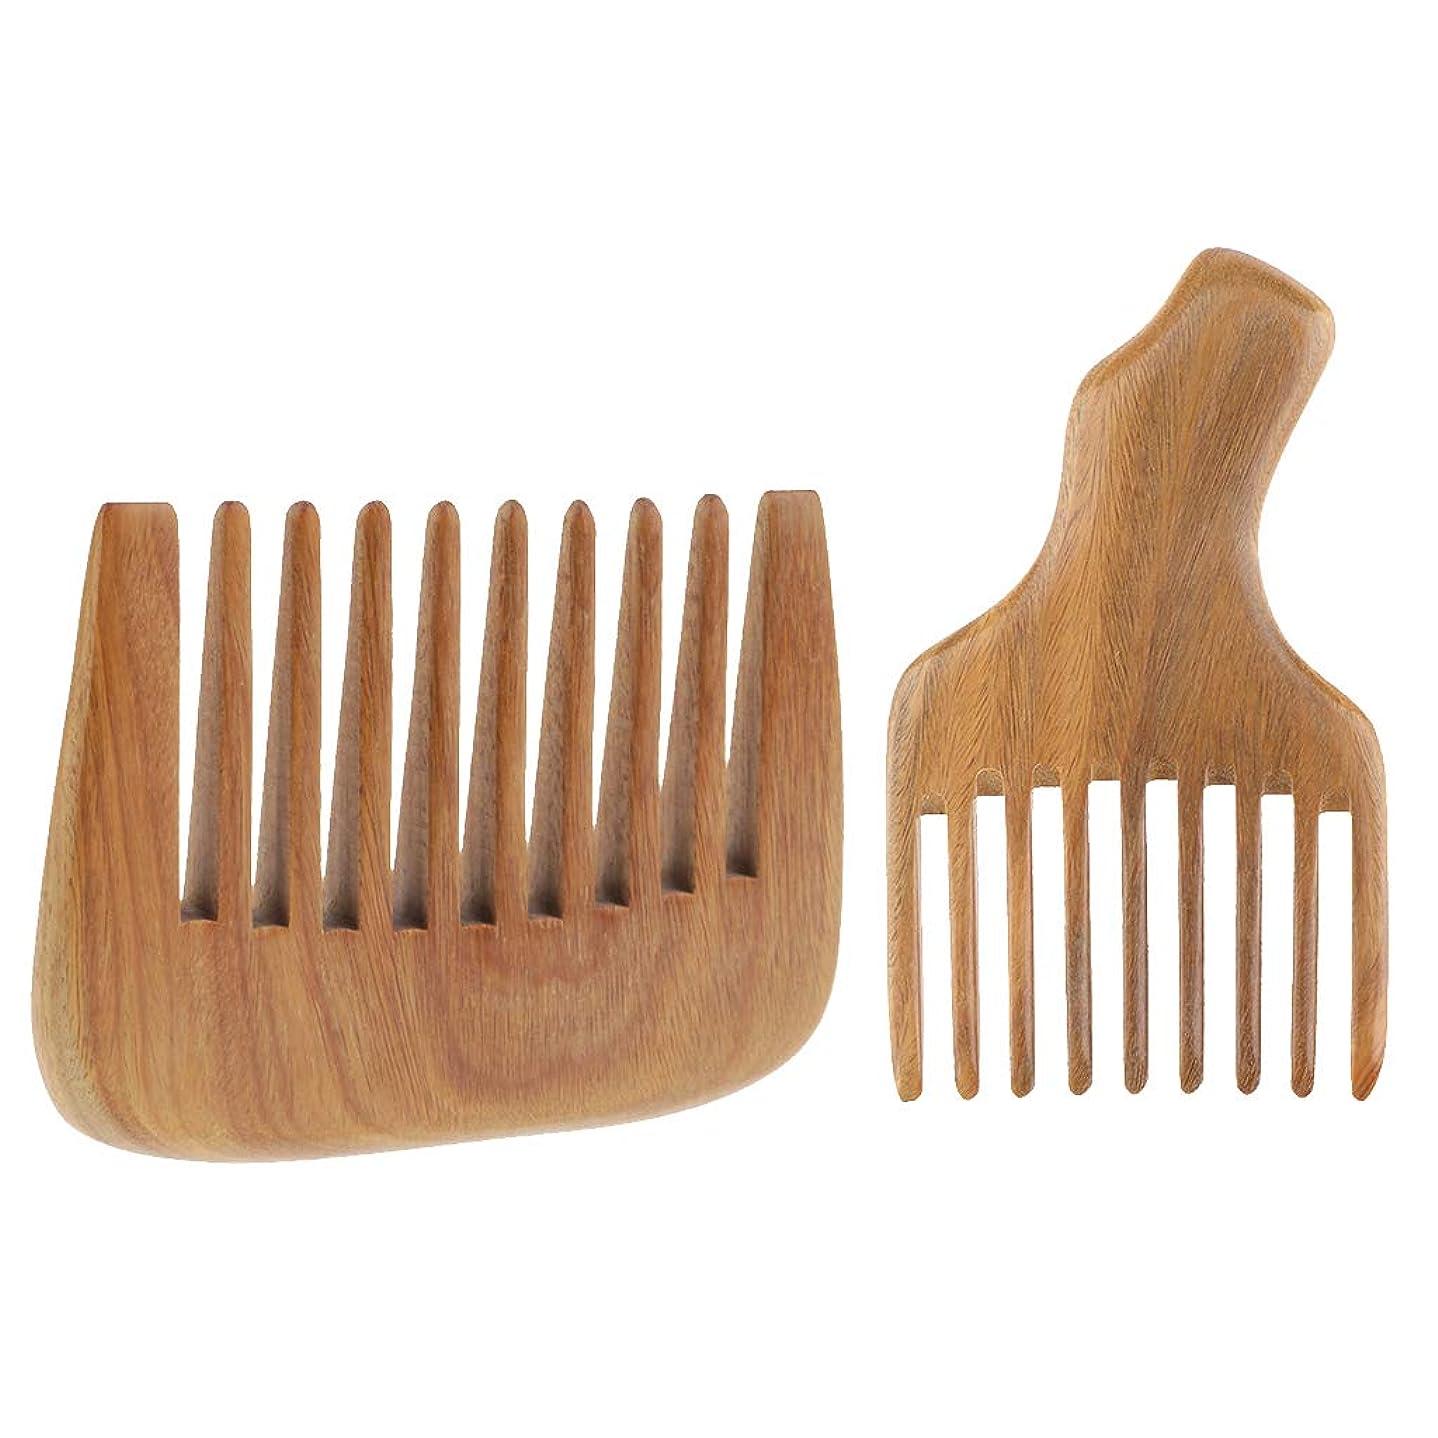 中性子羊キルスB Baosity 2個 木製櫛 ウッドコーム ワイド歯 静電気防止 櫛 くし 高品質